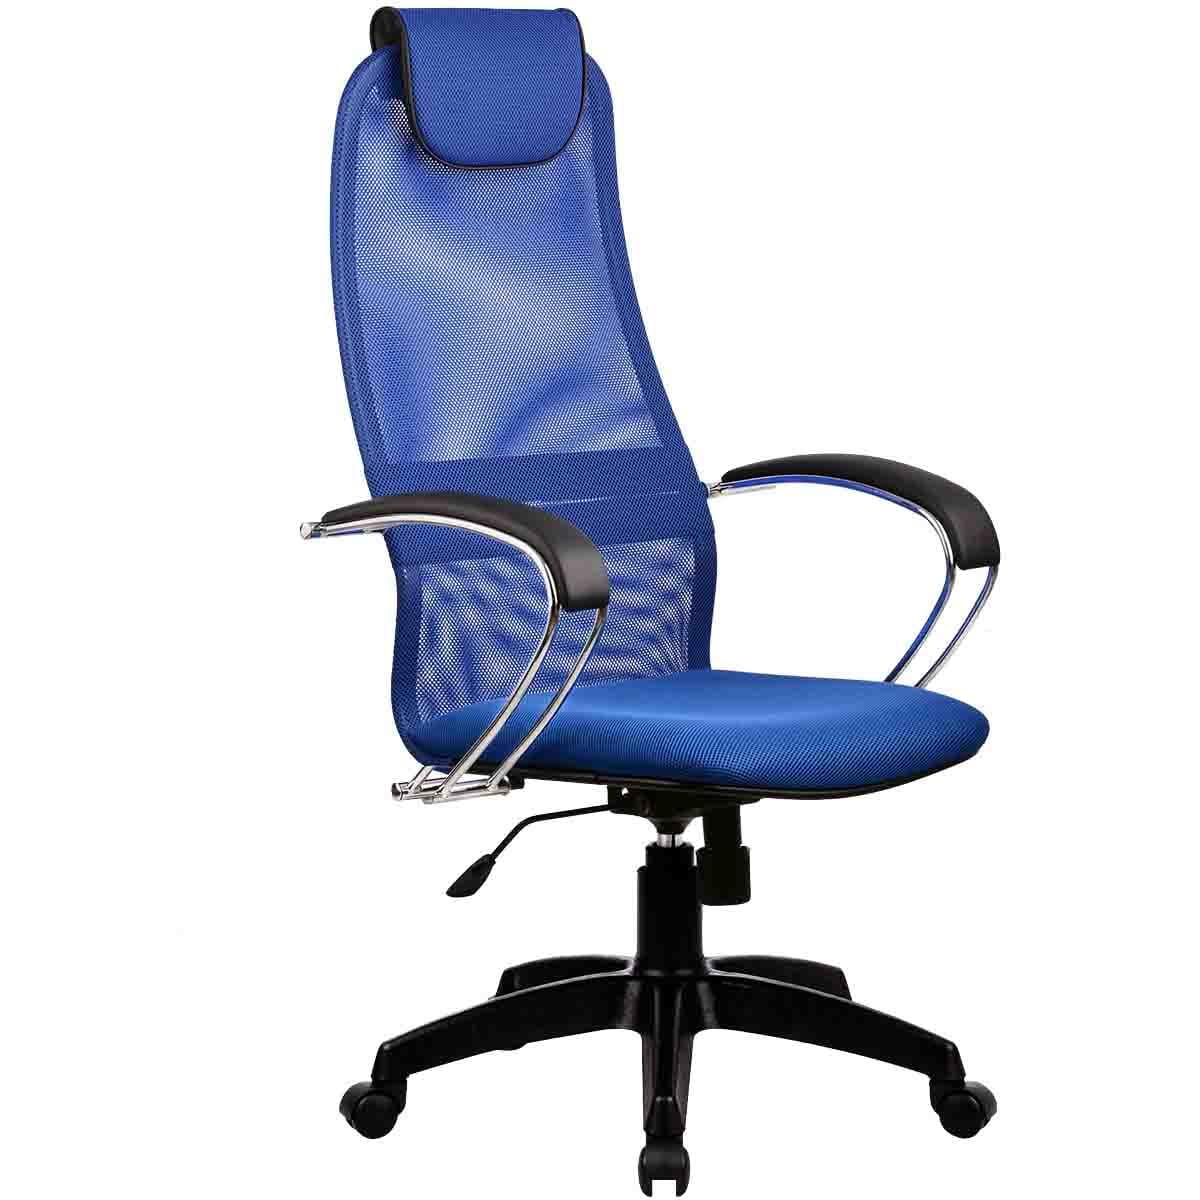 Офисное кресло Metta BK-8 Ткань и эко-кожа Синий Черный pearson и pelliot наружная кожа одежда мужчины и женщины дышащая пара кожа ветровка 1798 мужской глубокая дыра синий xl